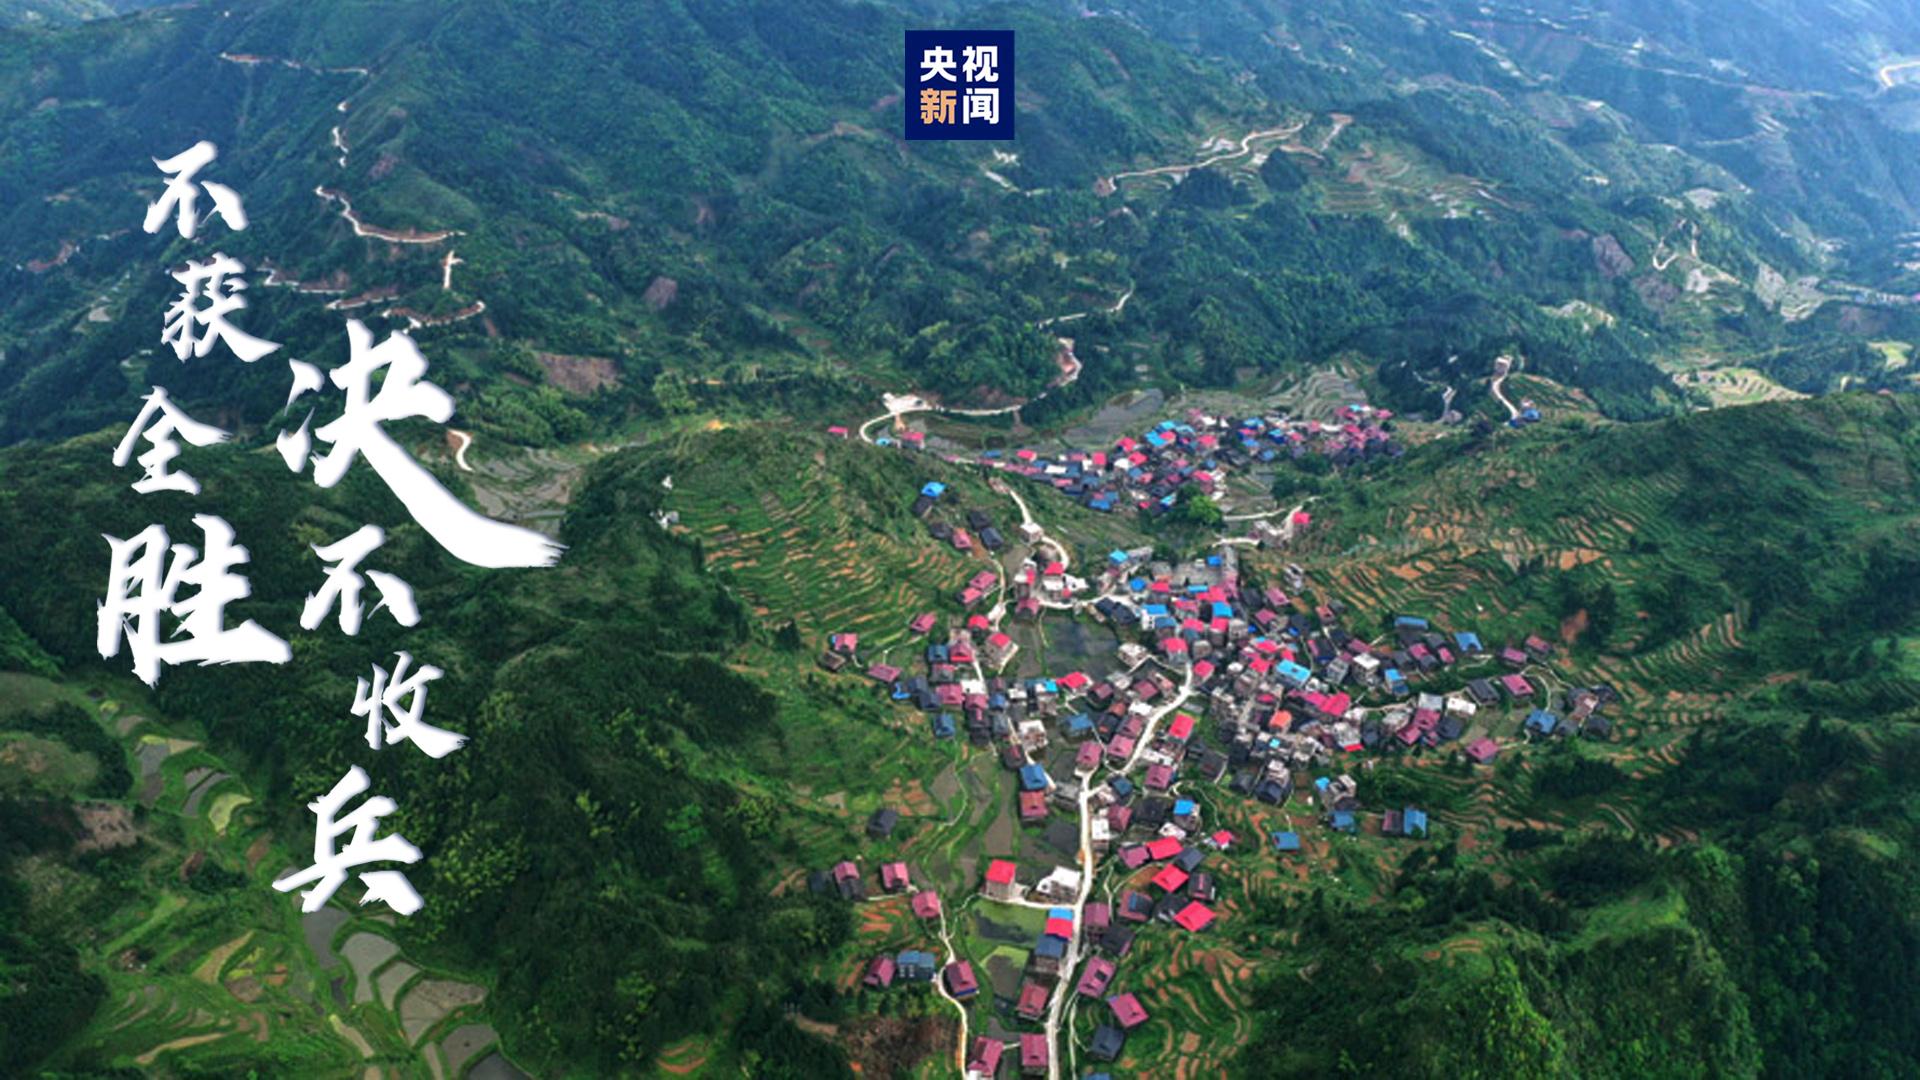 困擾中華民族幾千年的貧困問題是怎樣得到解決的?